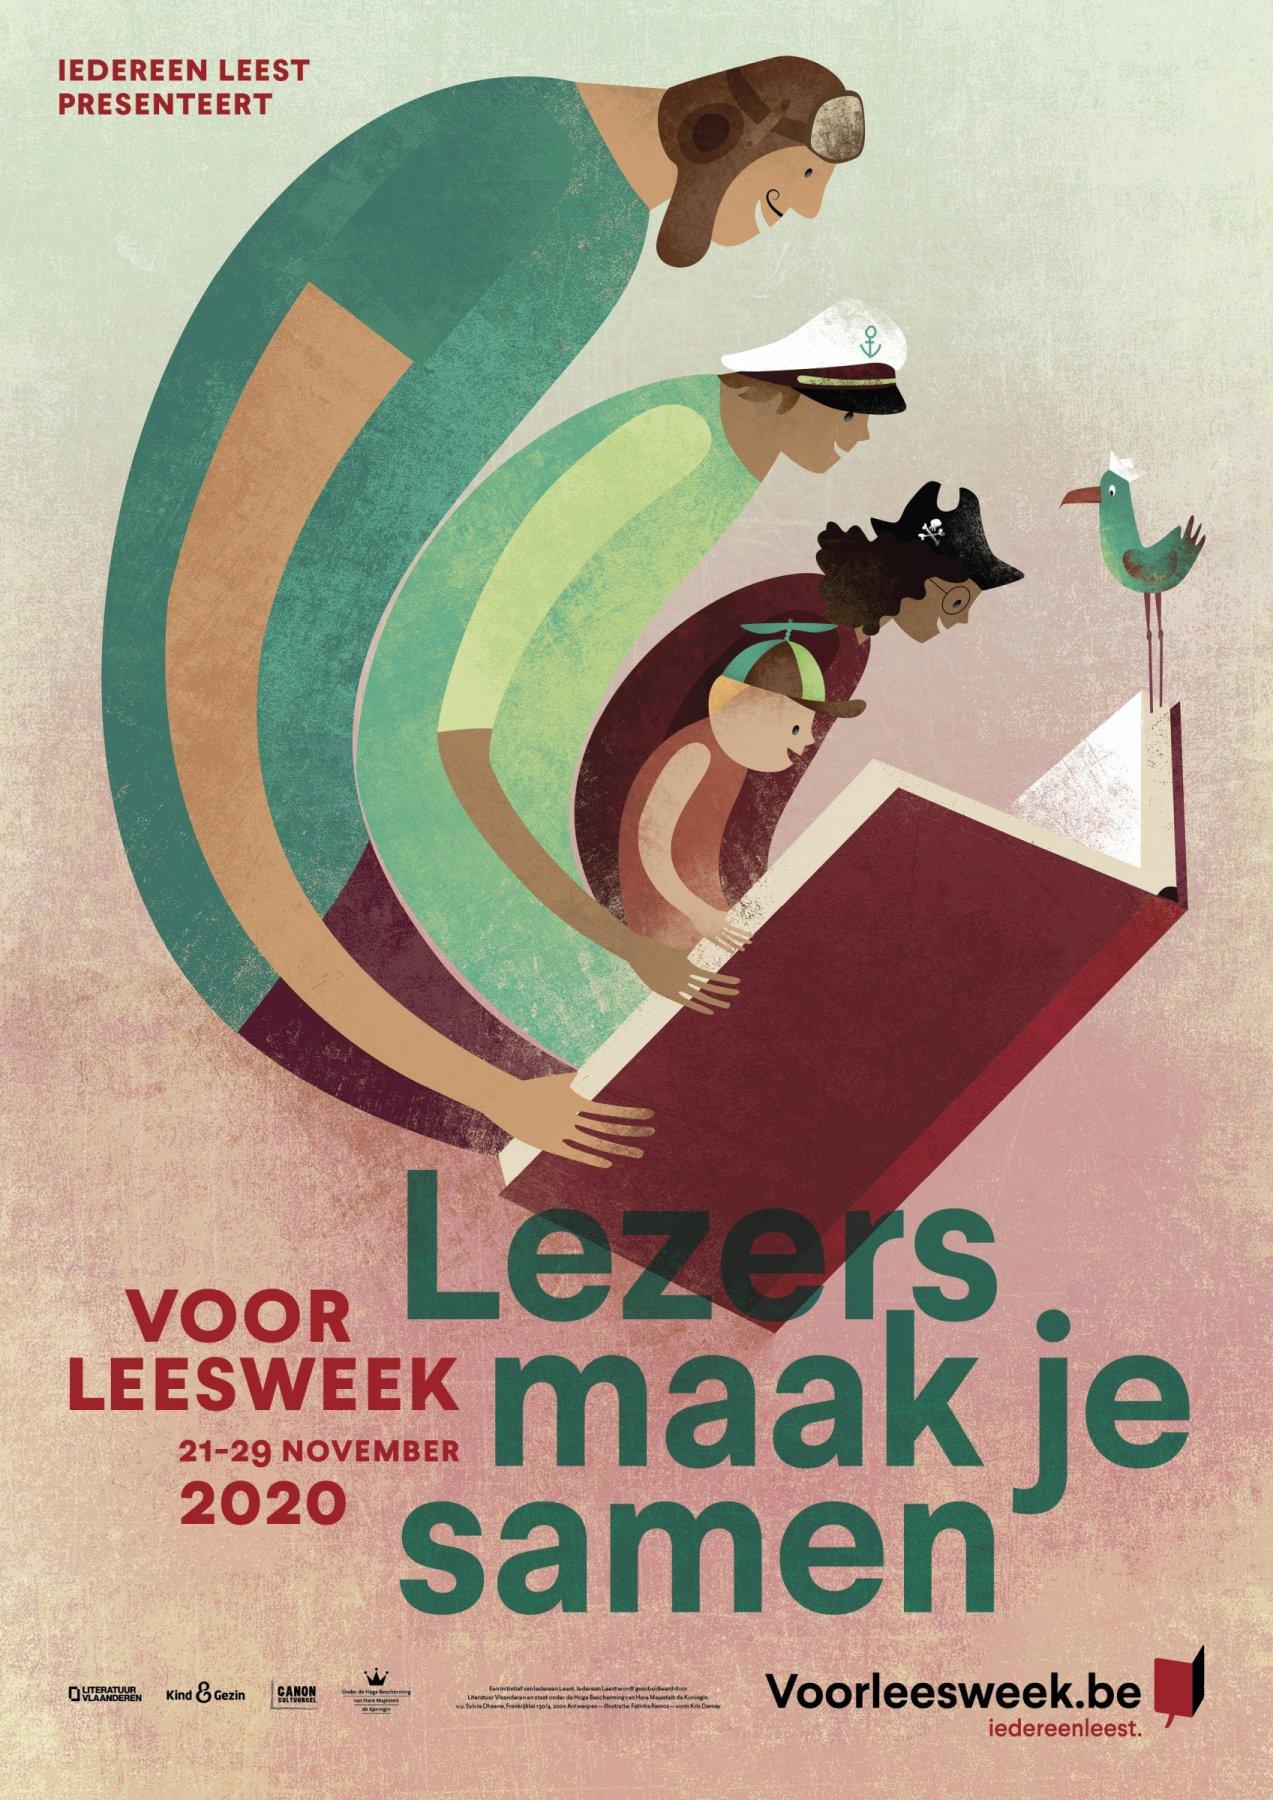 Voorleesweek affiche